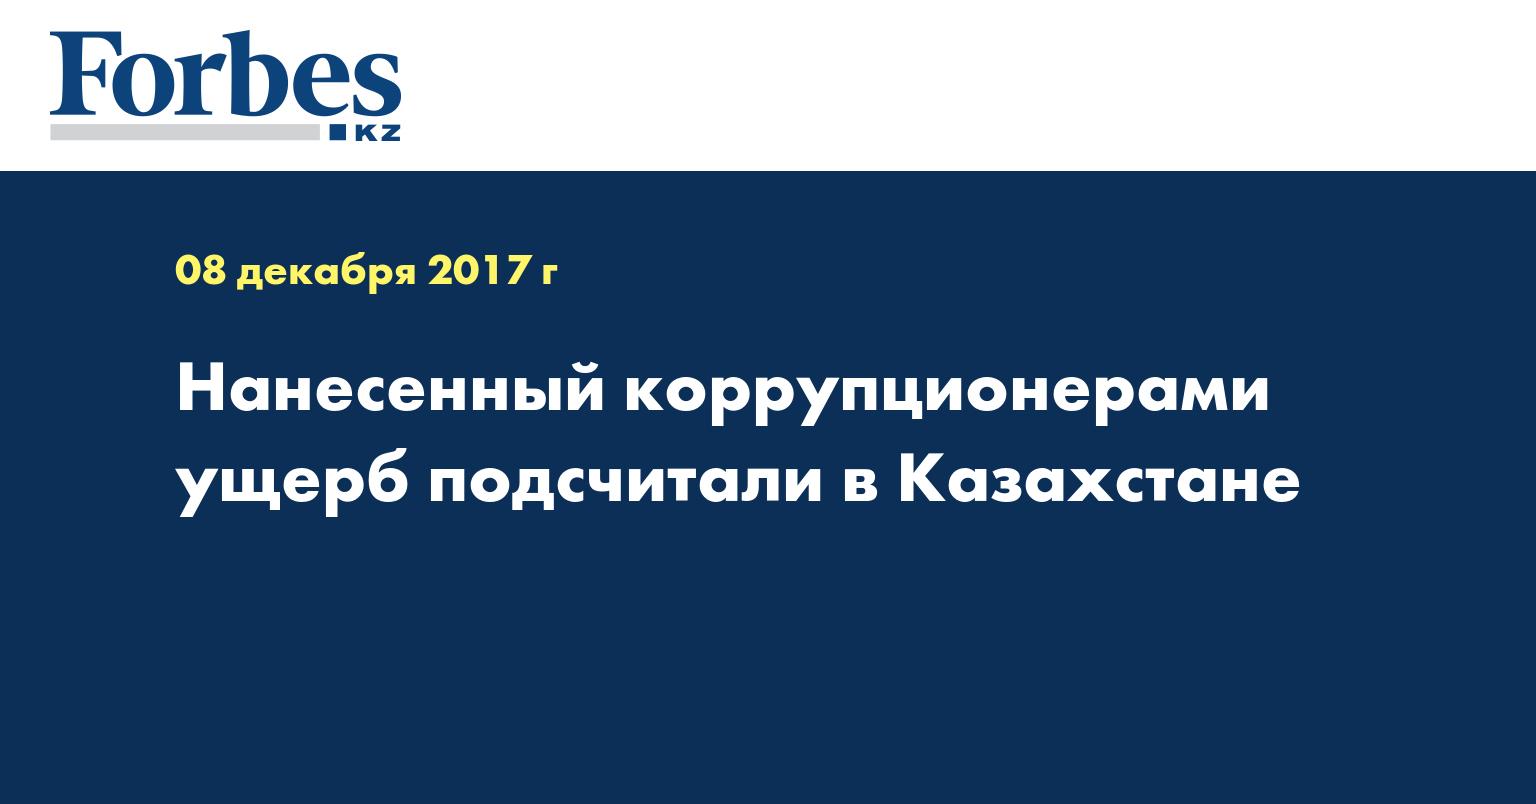 Нанесенный коррупционерами ущерб подсчитали в Казахстане